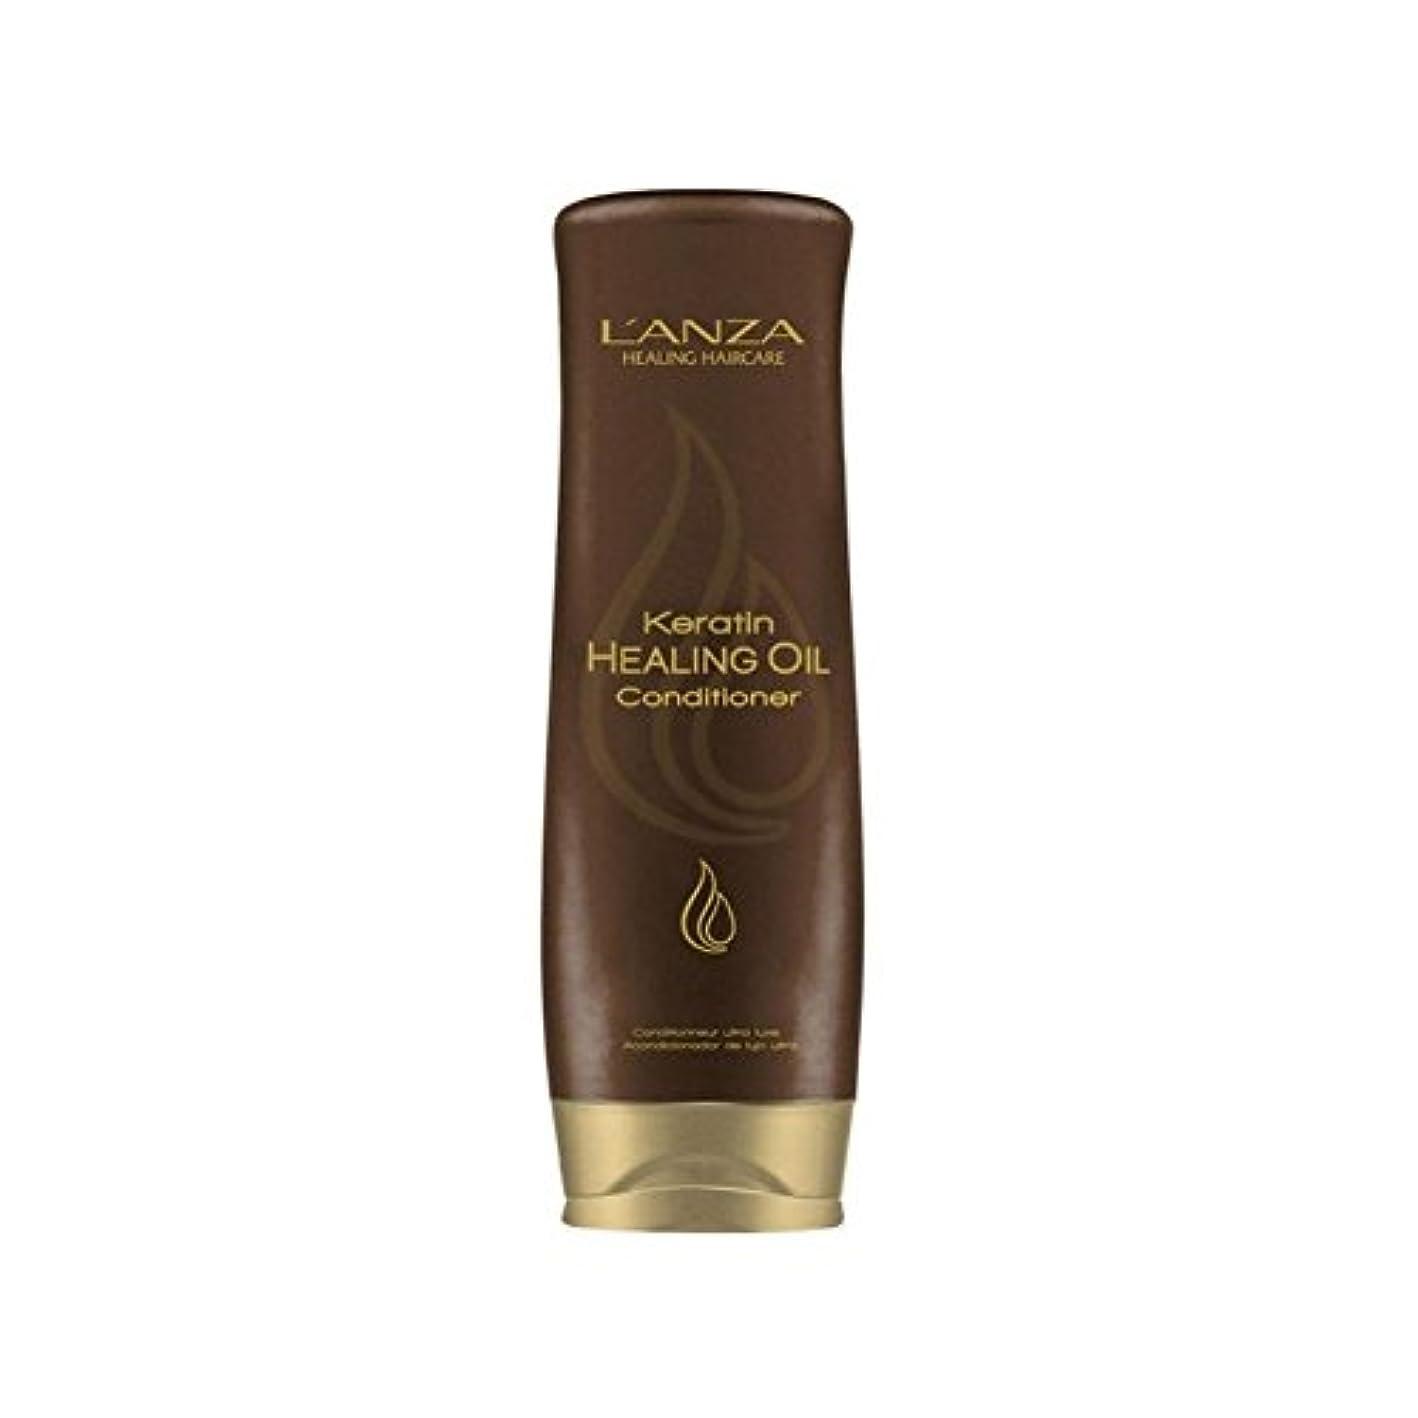 苦いプーノ合わせてL'Anza Keratin Healing Oil Conditioner (250ml) (Pack of 6) - アンザケラチンオイルコンディショナー(250ミリリットル)を癒し x6 [並行輸入品]